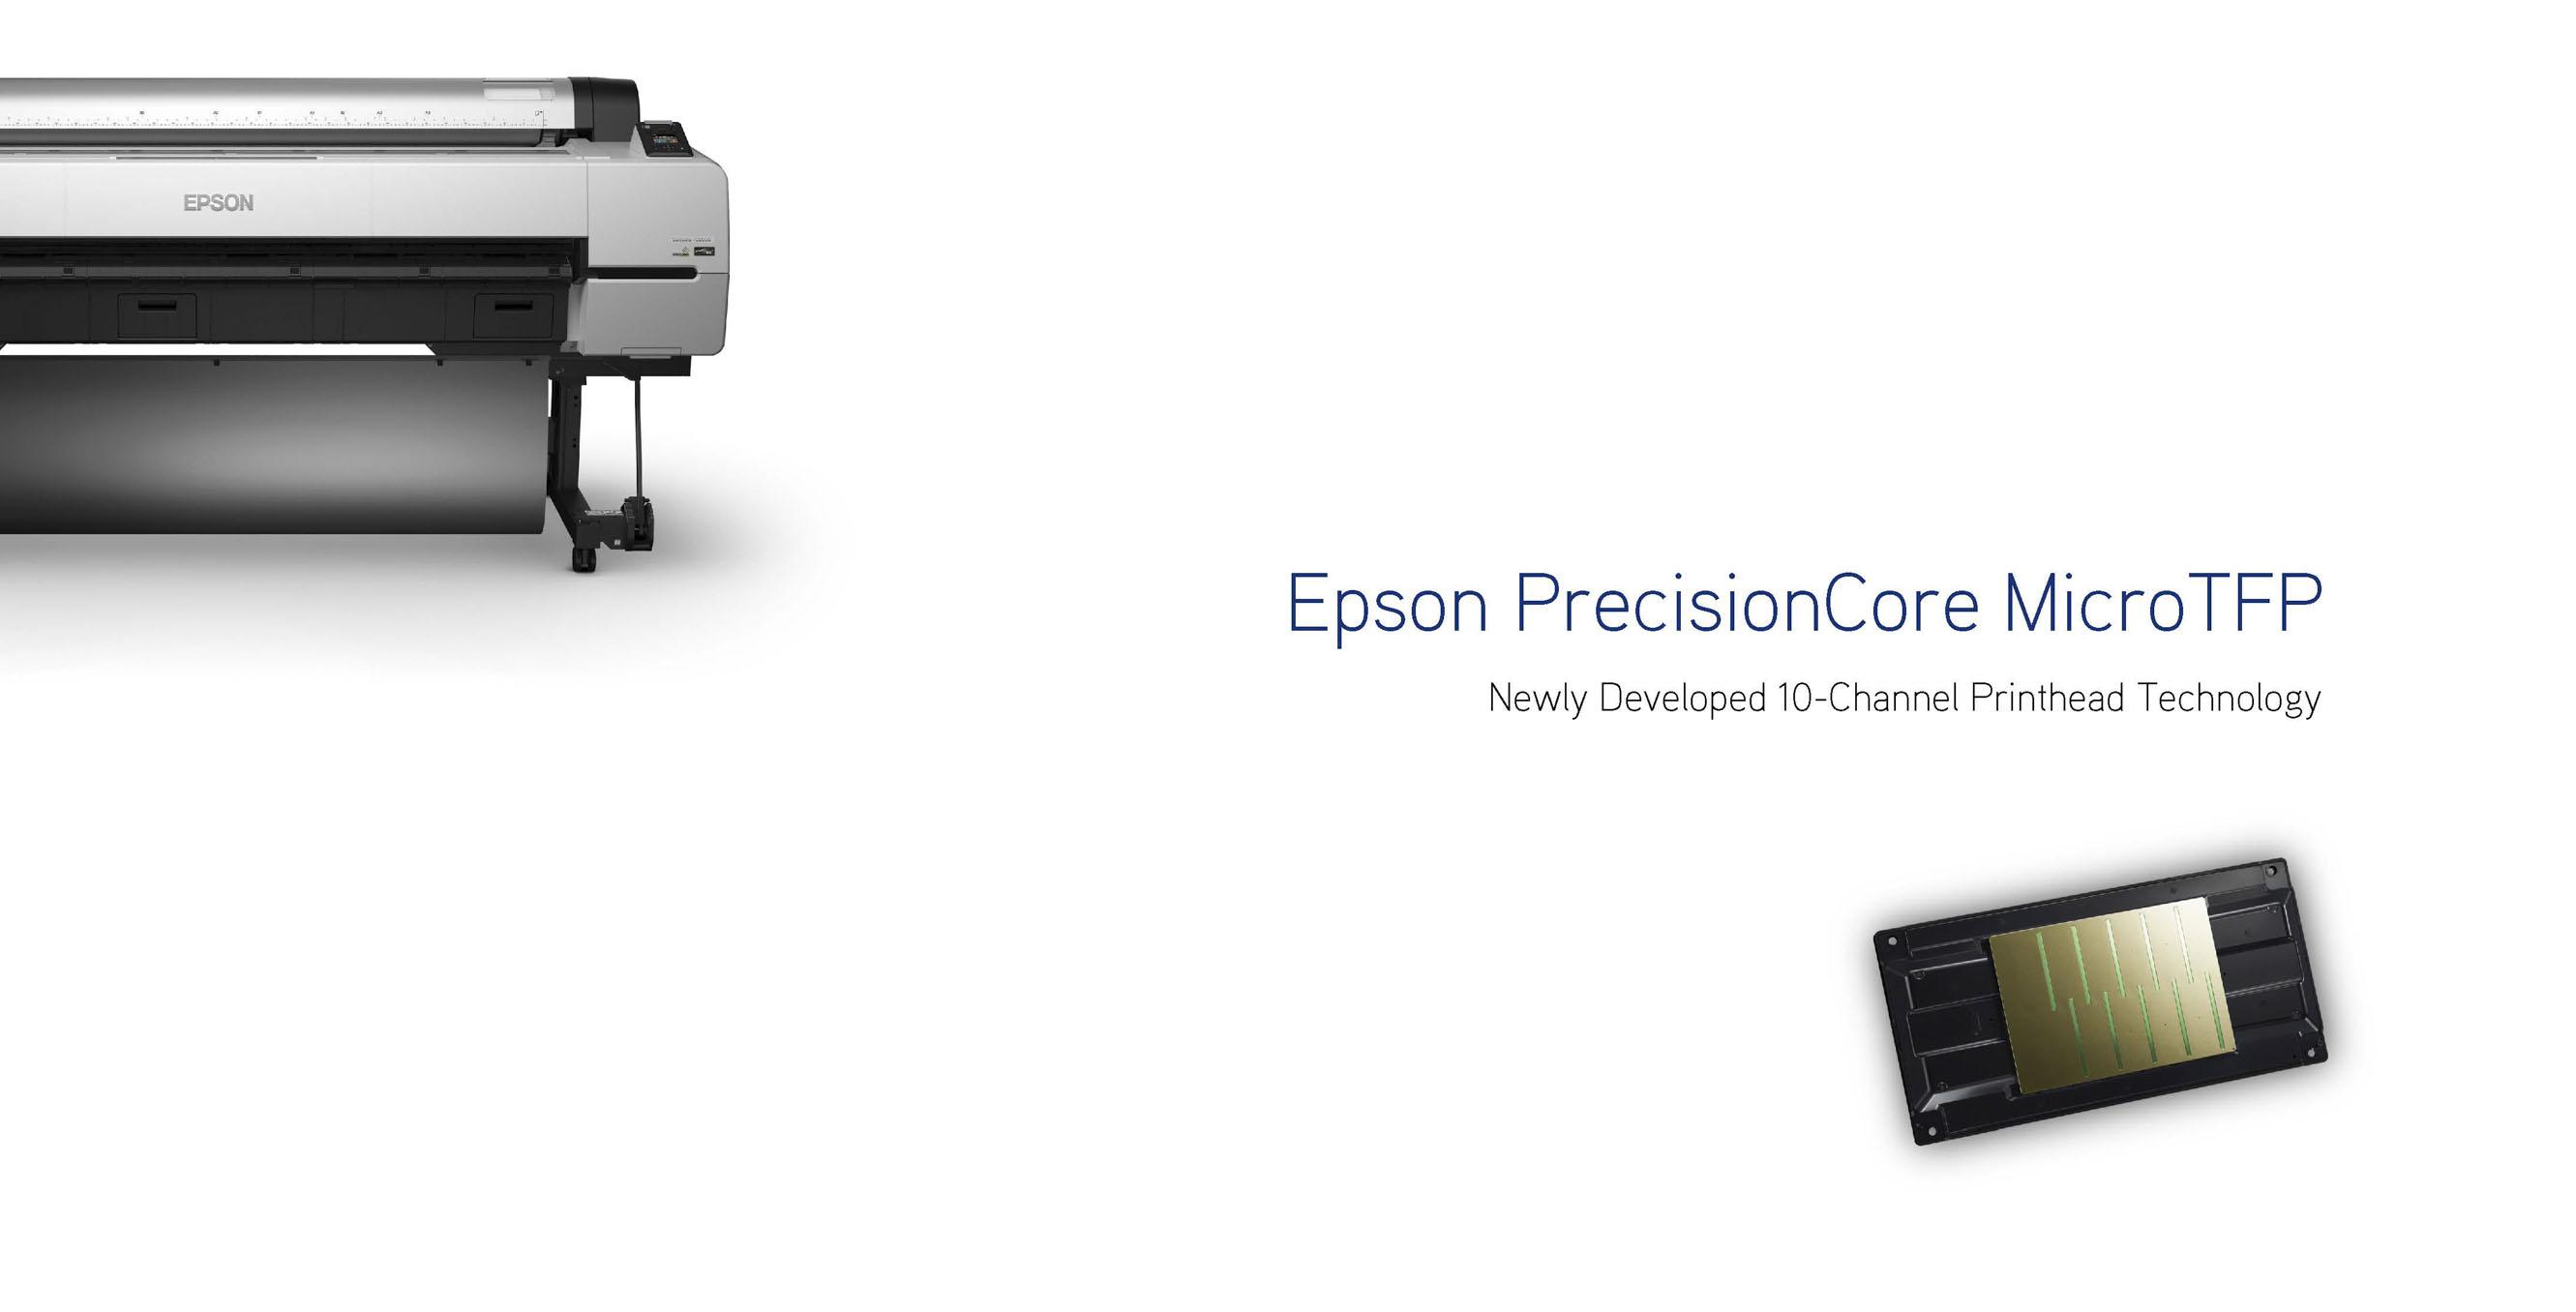 Epson PrecisionCore MicroTFP